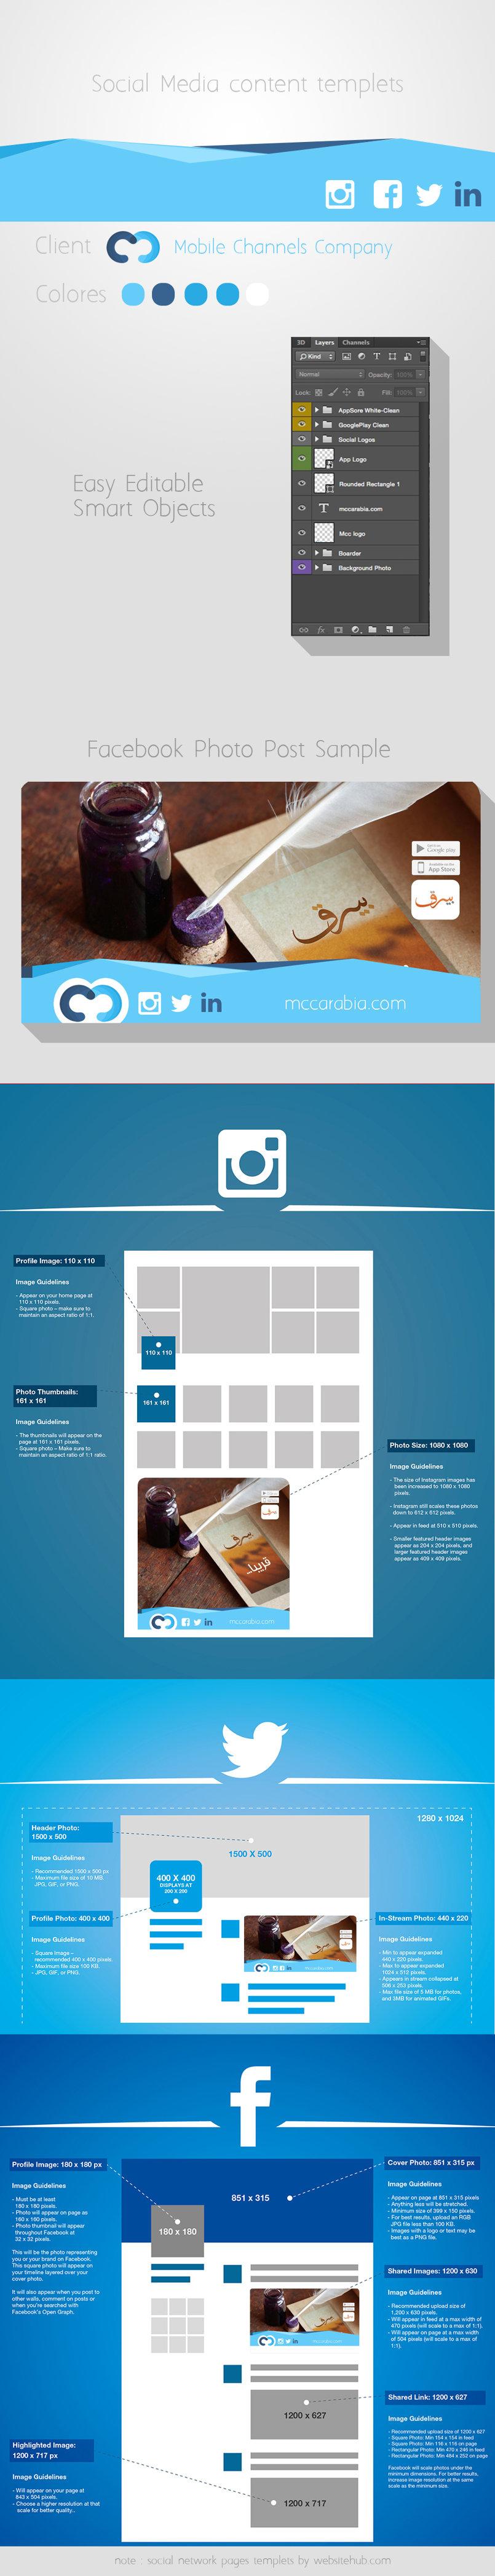 تصميم قالب شبكات تواصل اجتماعي